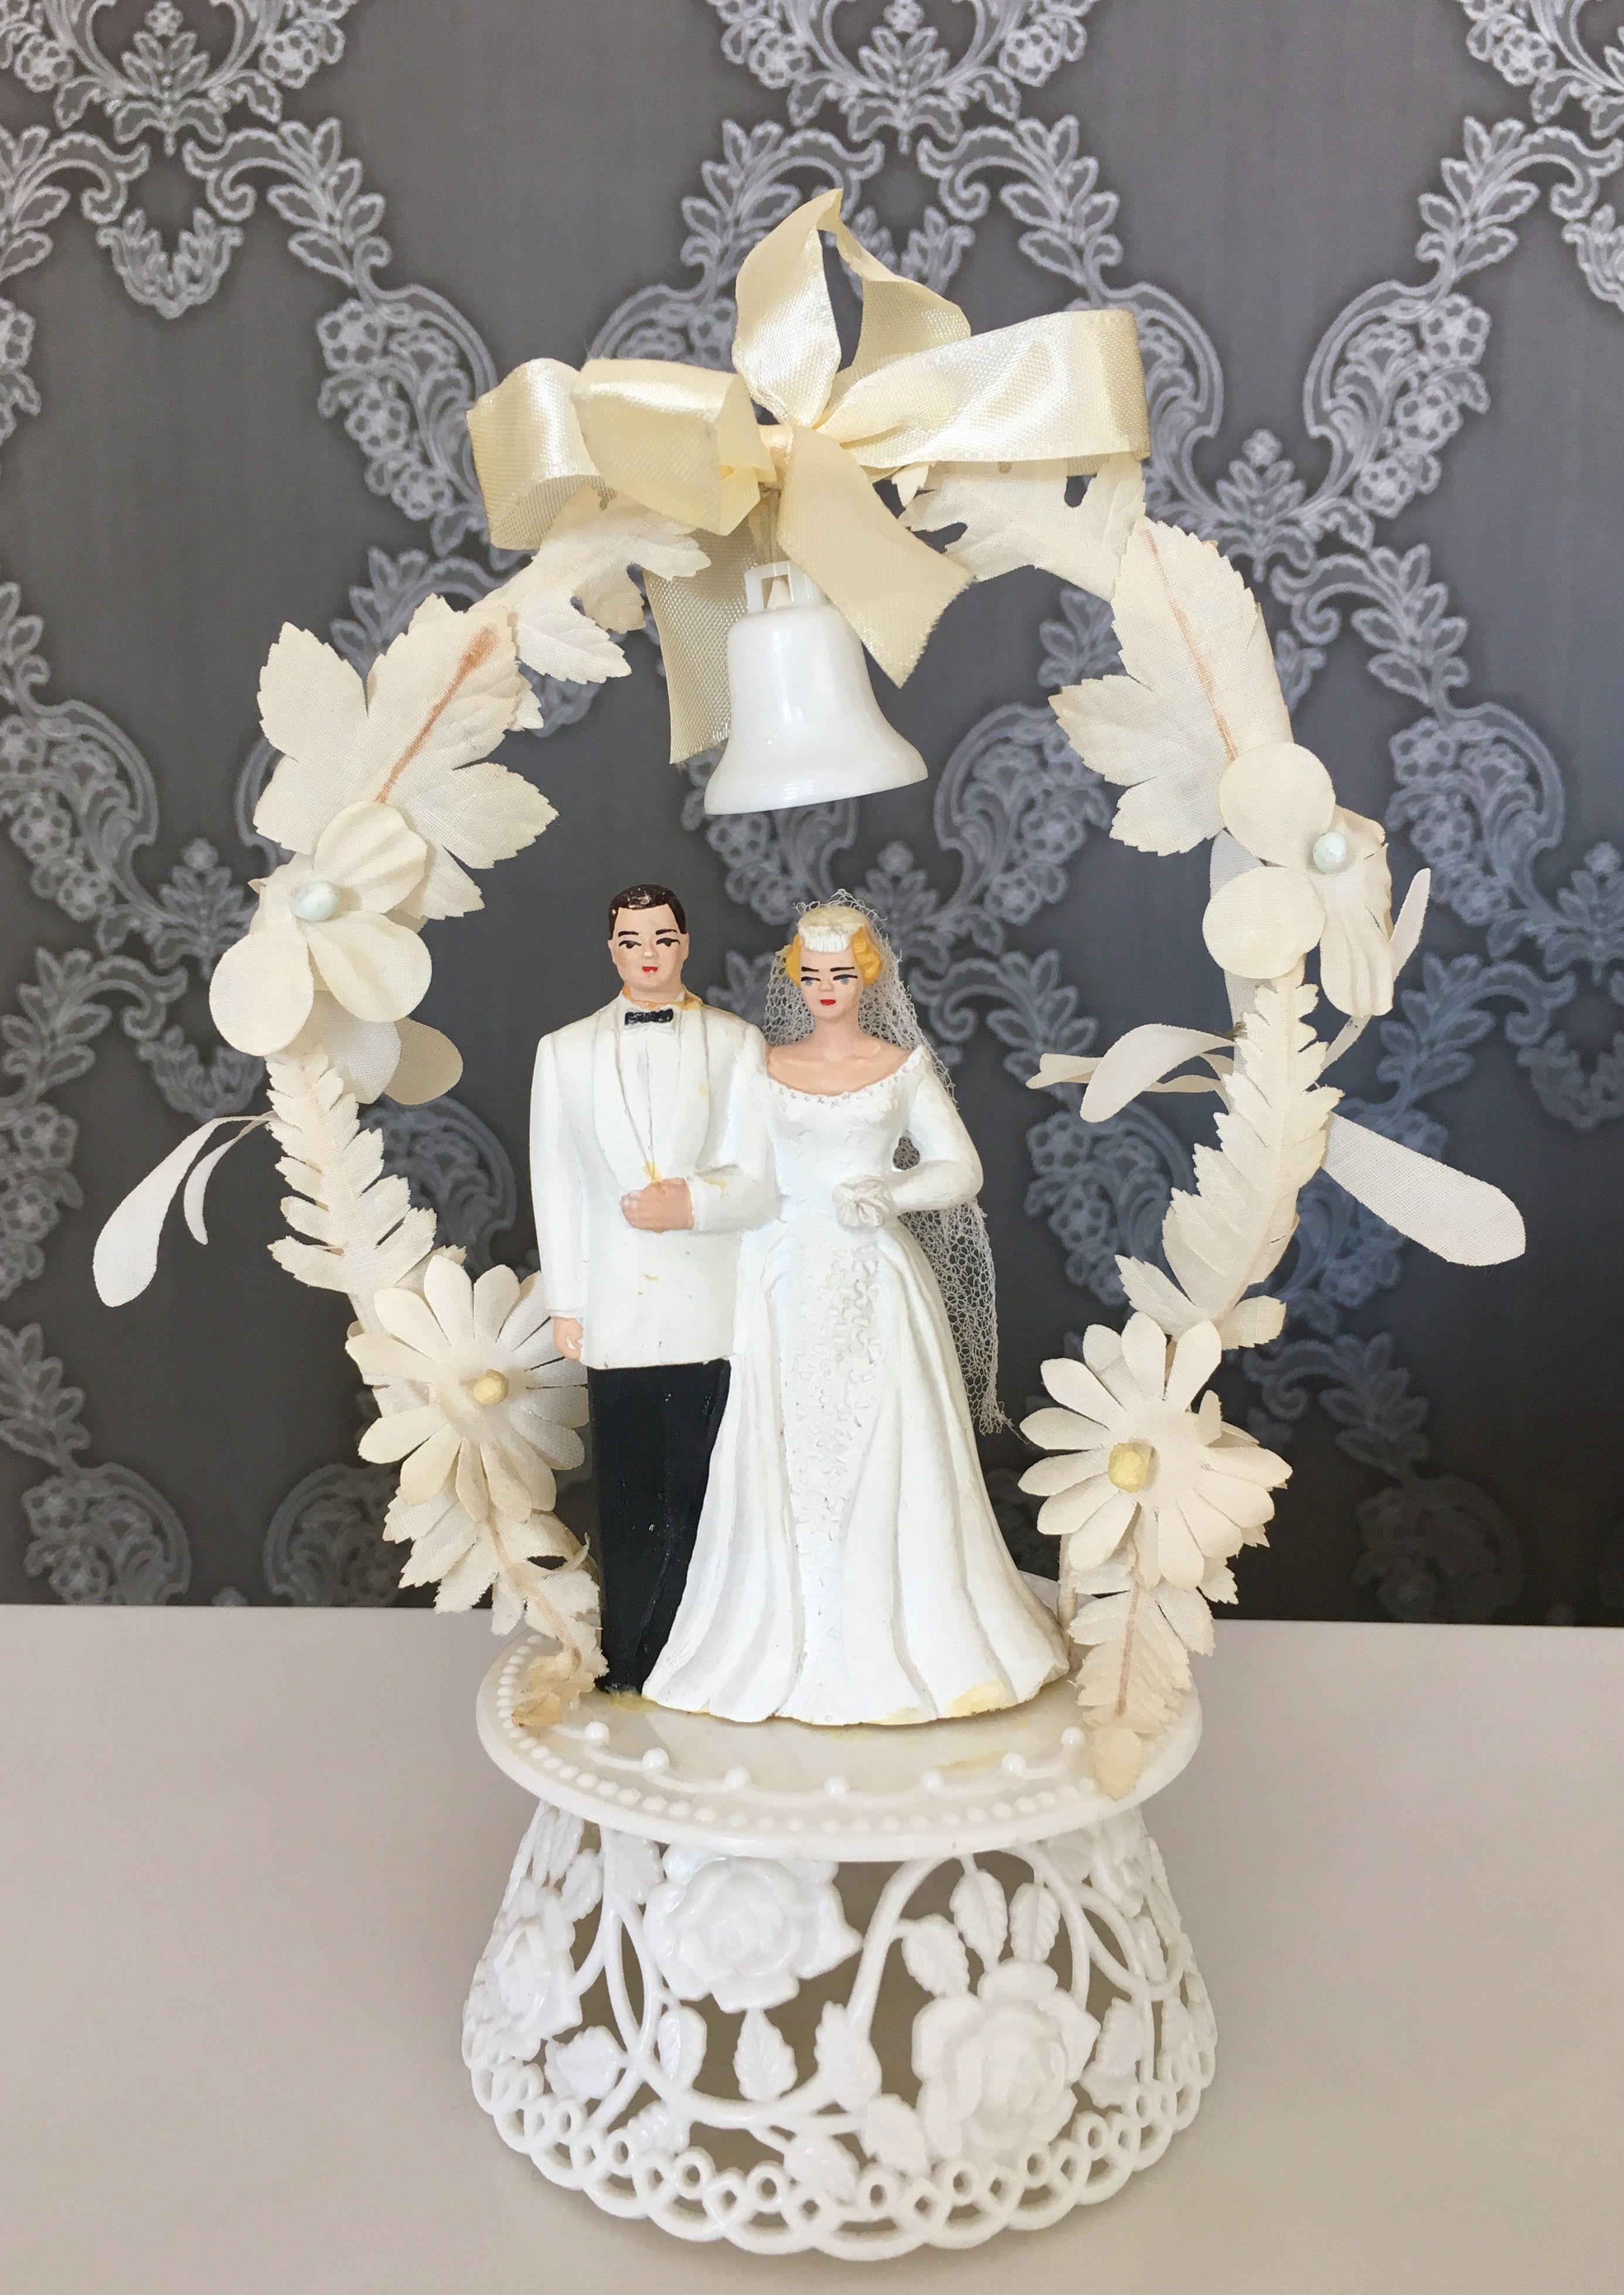 Pin By Bambole Da Collezione On Wedding Cake Topper Vintage Cake Toppers Wedding Cake Toppers Wedding Topper